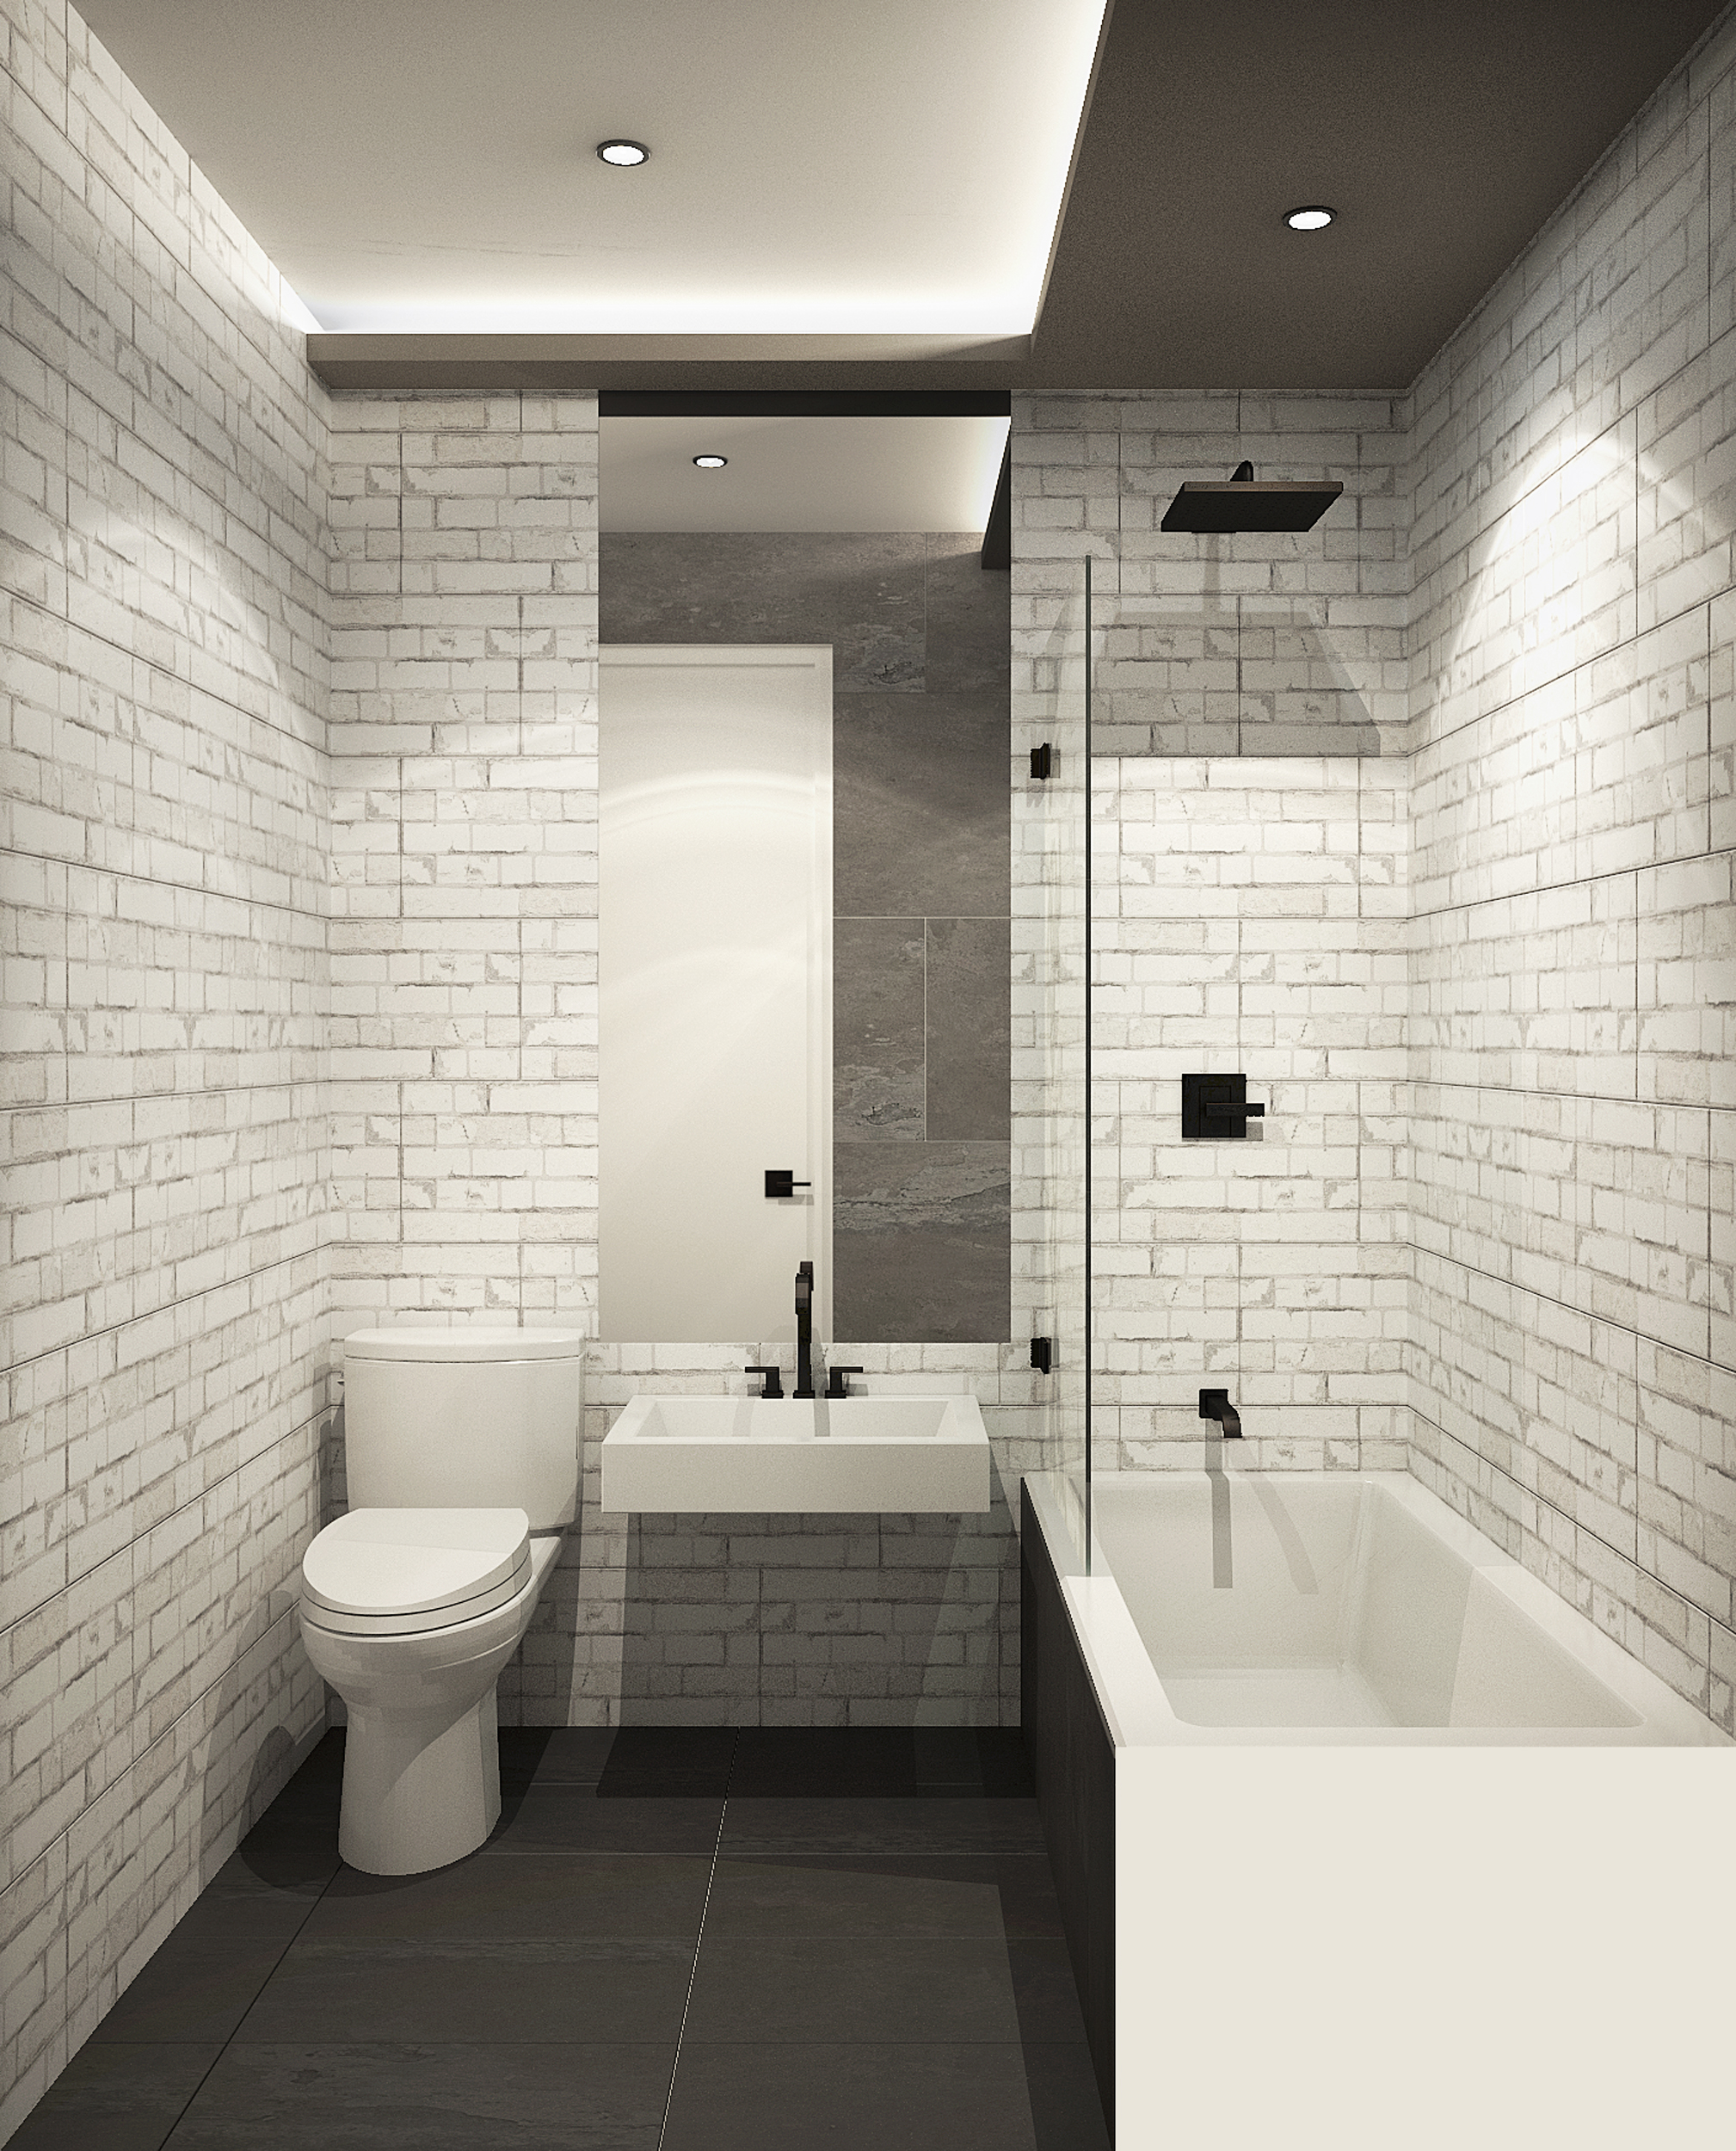 1649Summerfield_bathroom_scene2.jpg